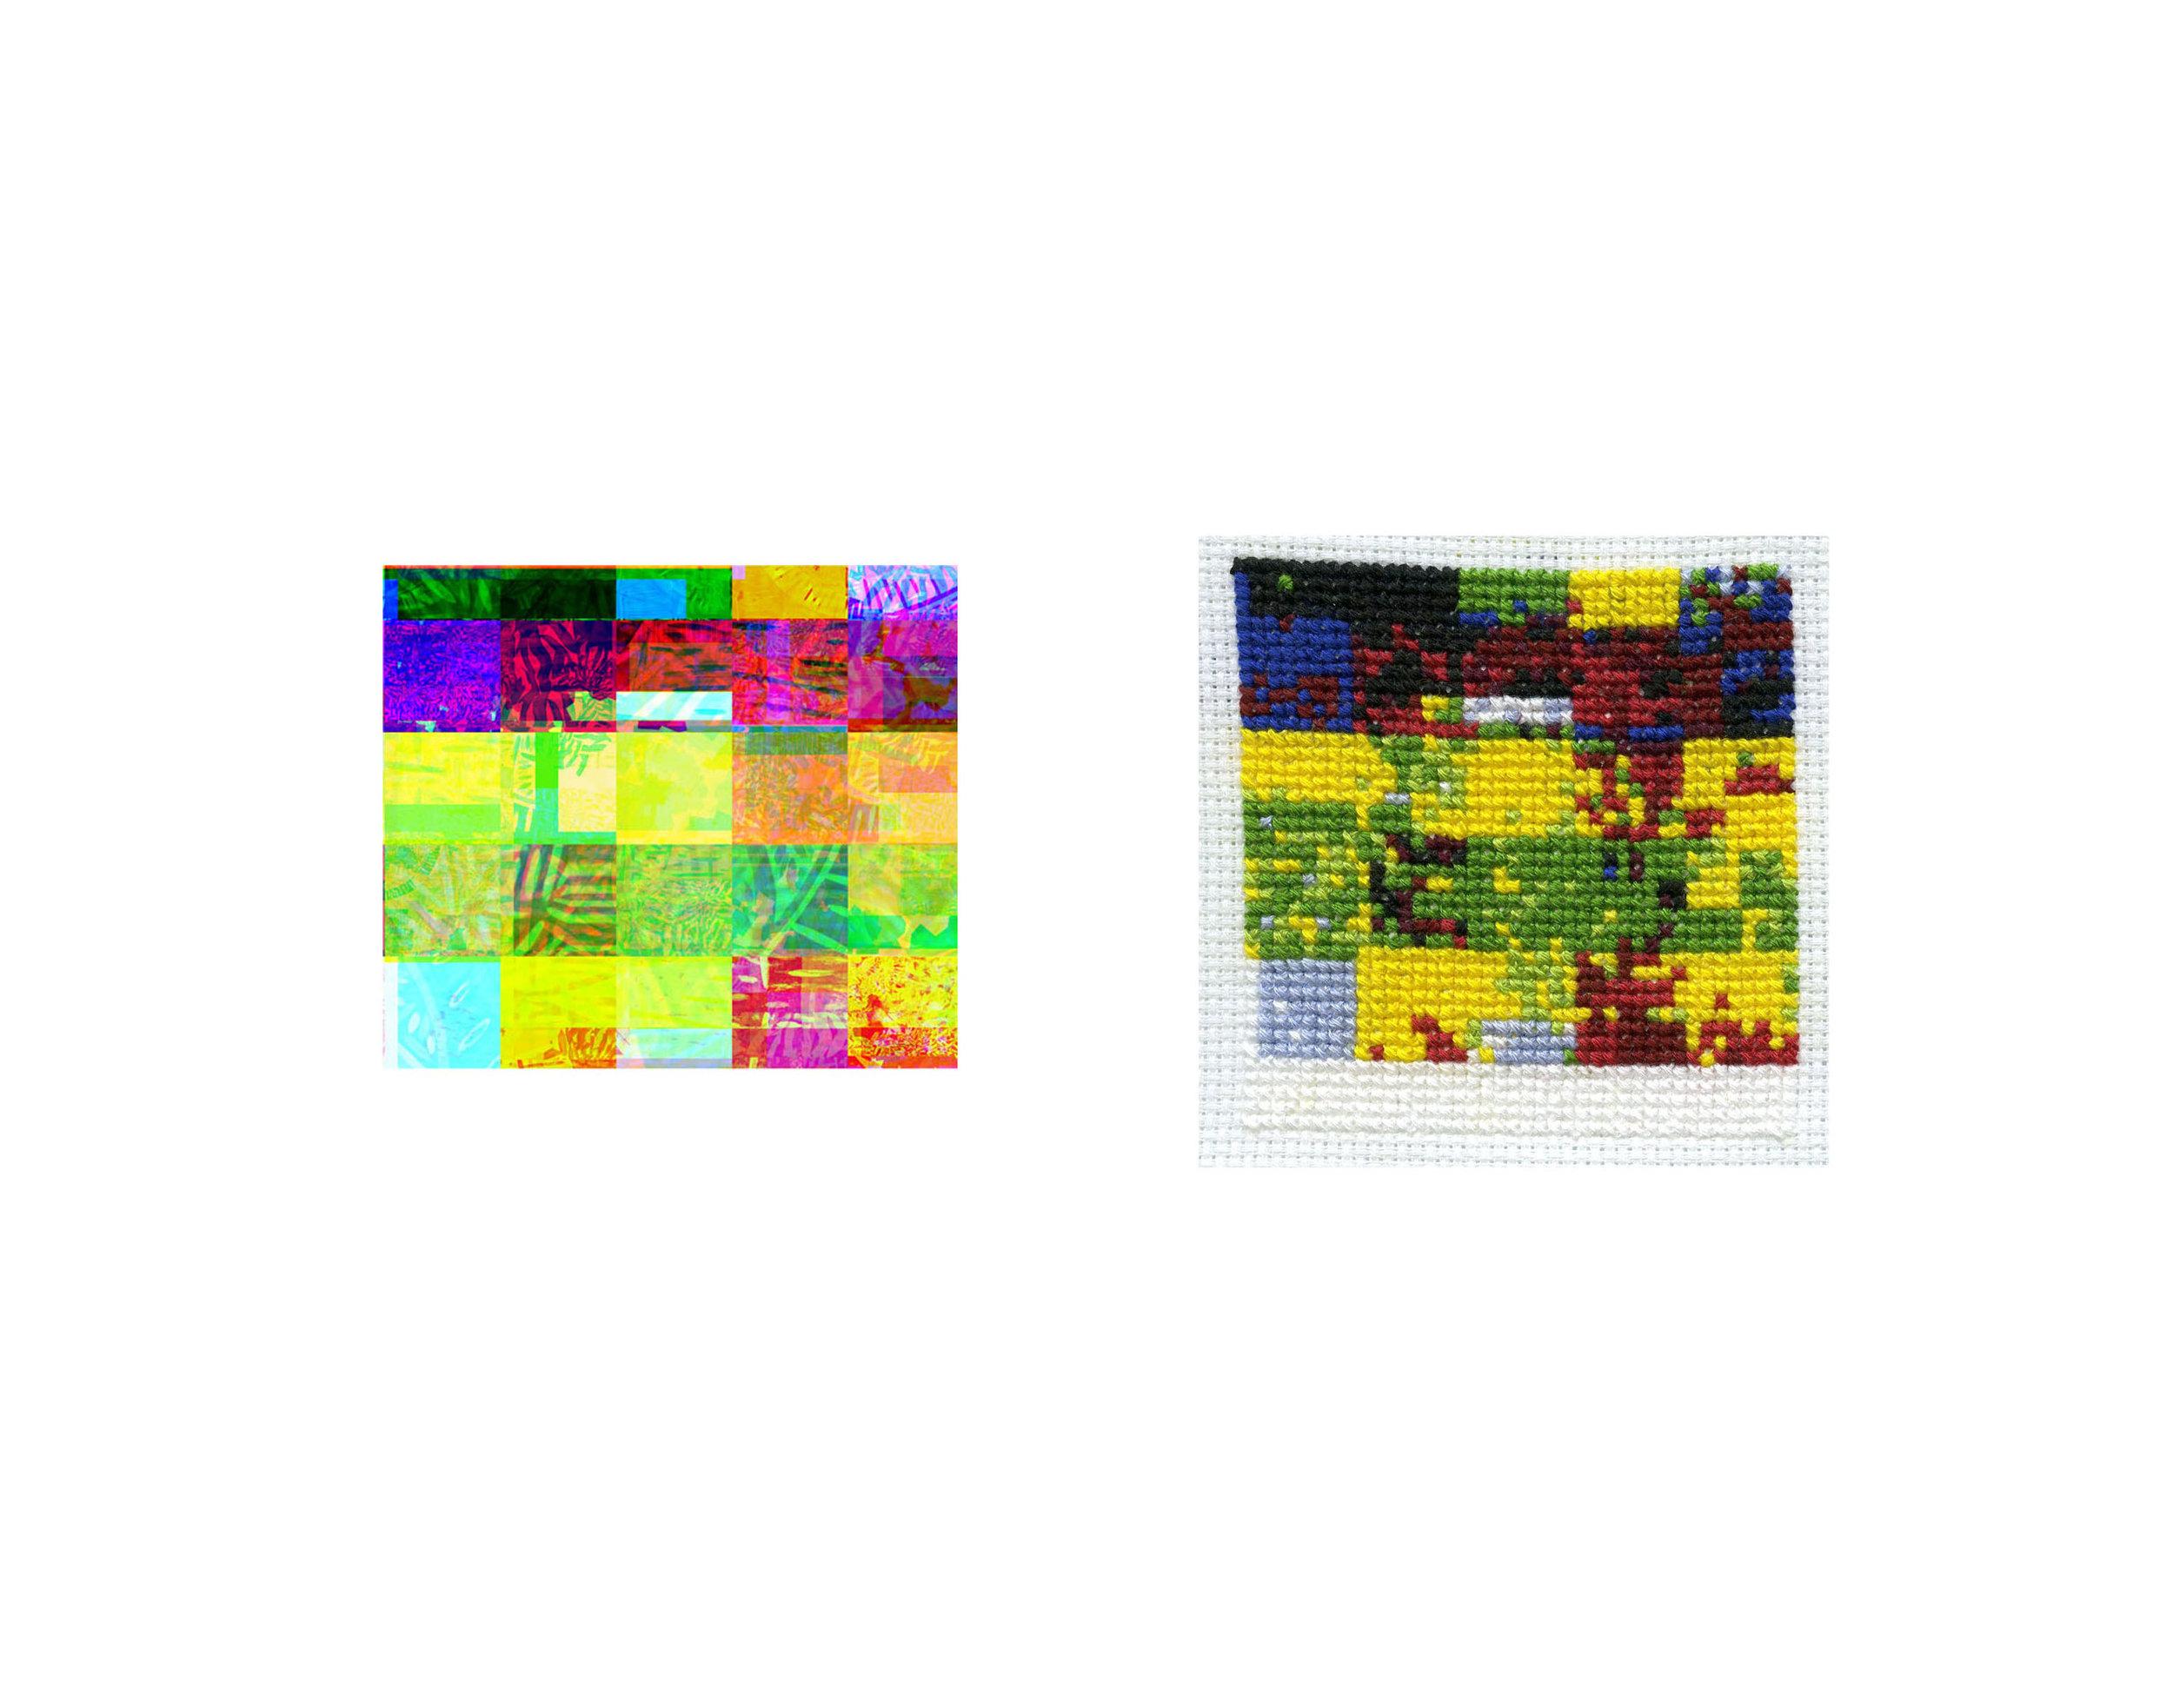 GlitchSeries04 - Crop_6_crop.jpg